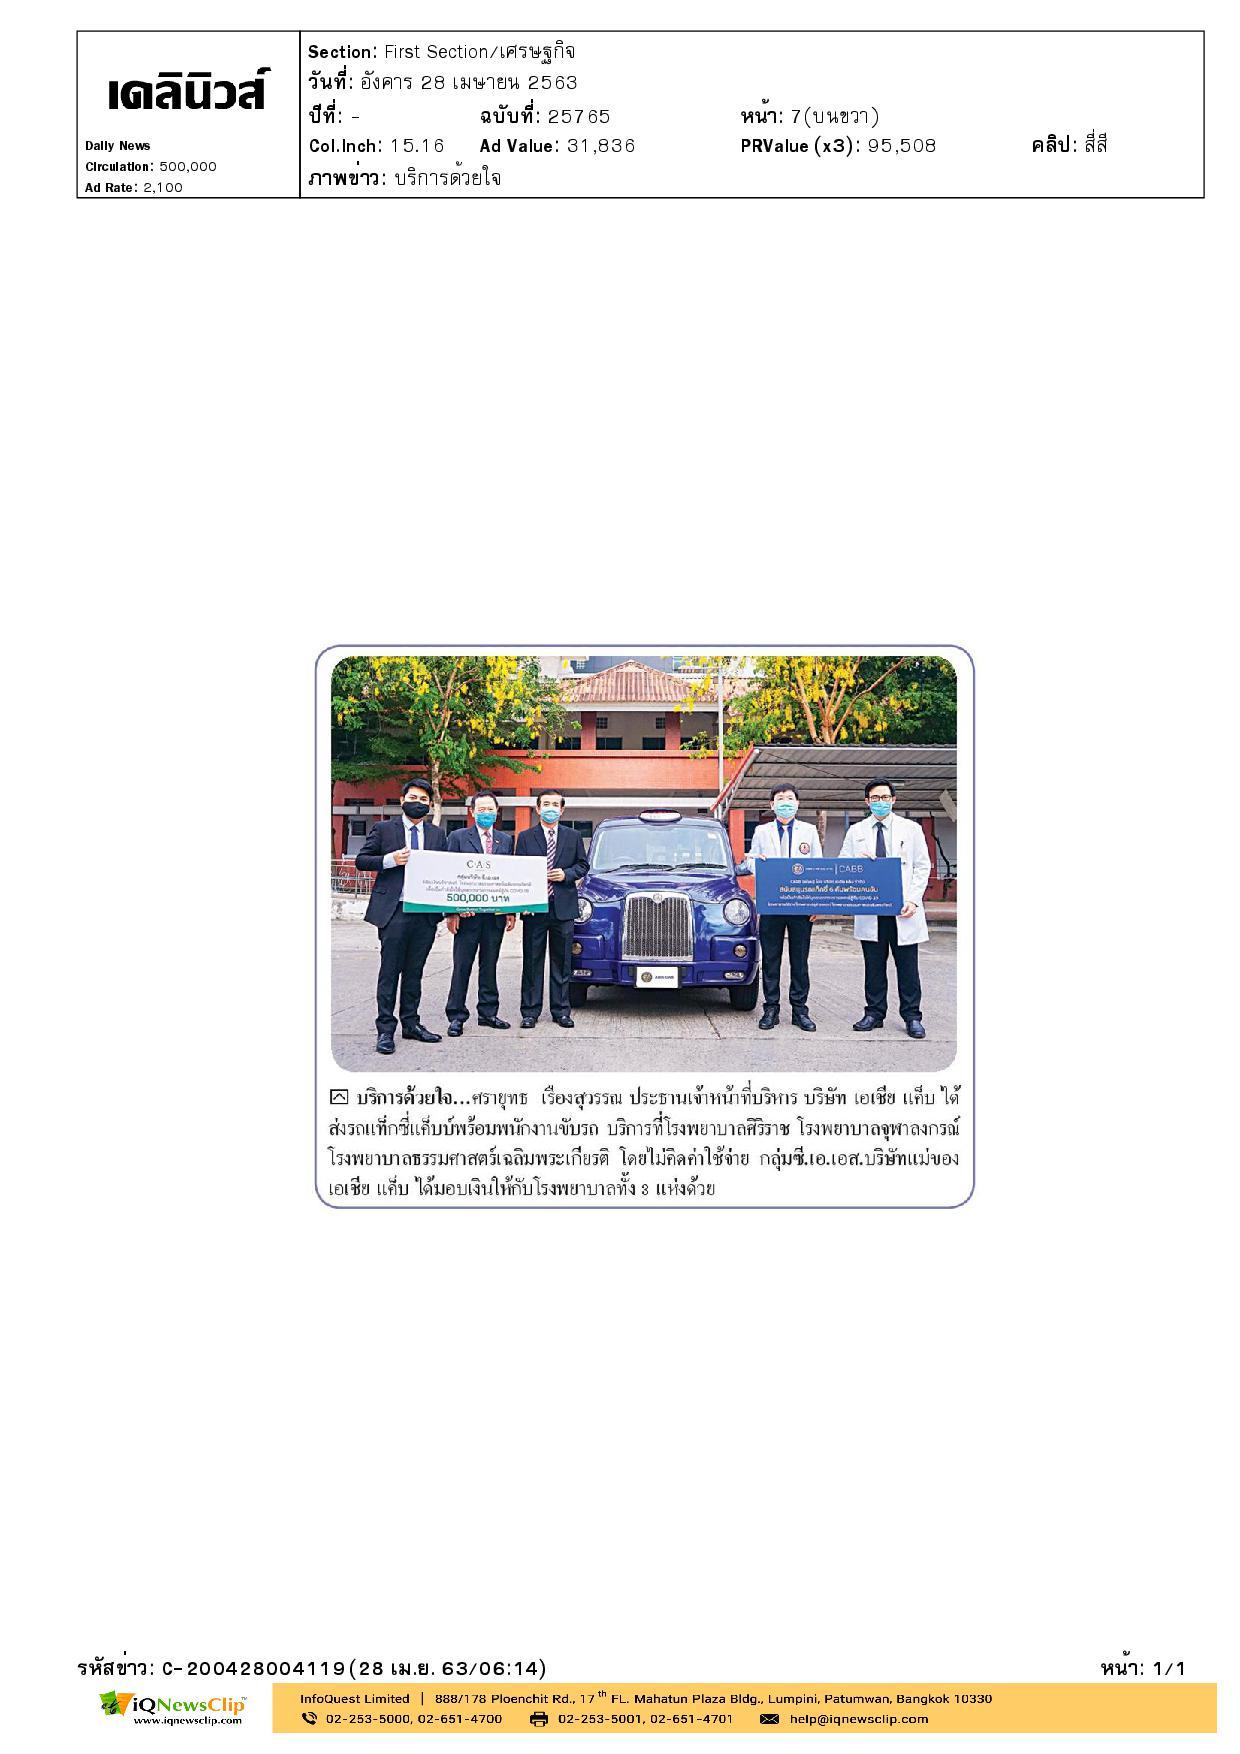 รถแท็กซี่แค็บบ์ให้บริการ ใน รพ.จุฬาฯ